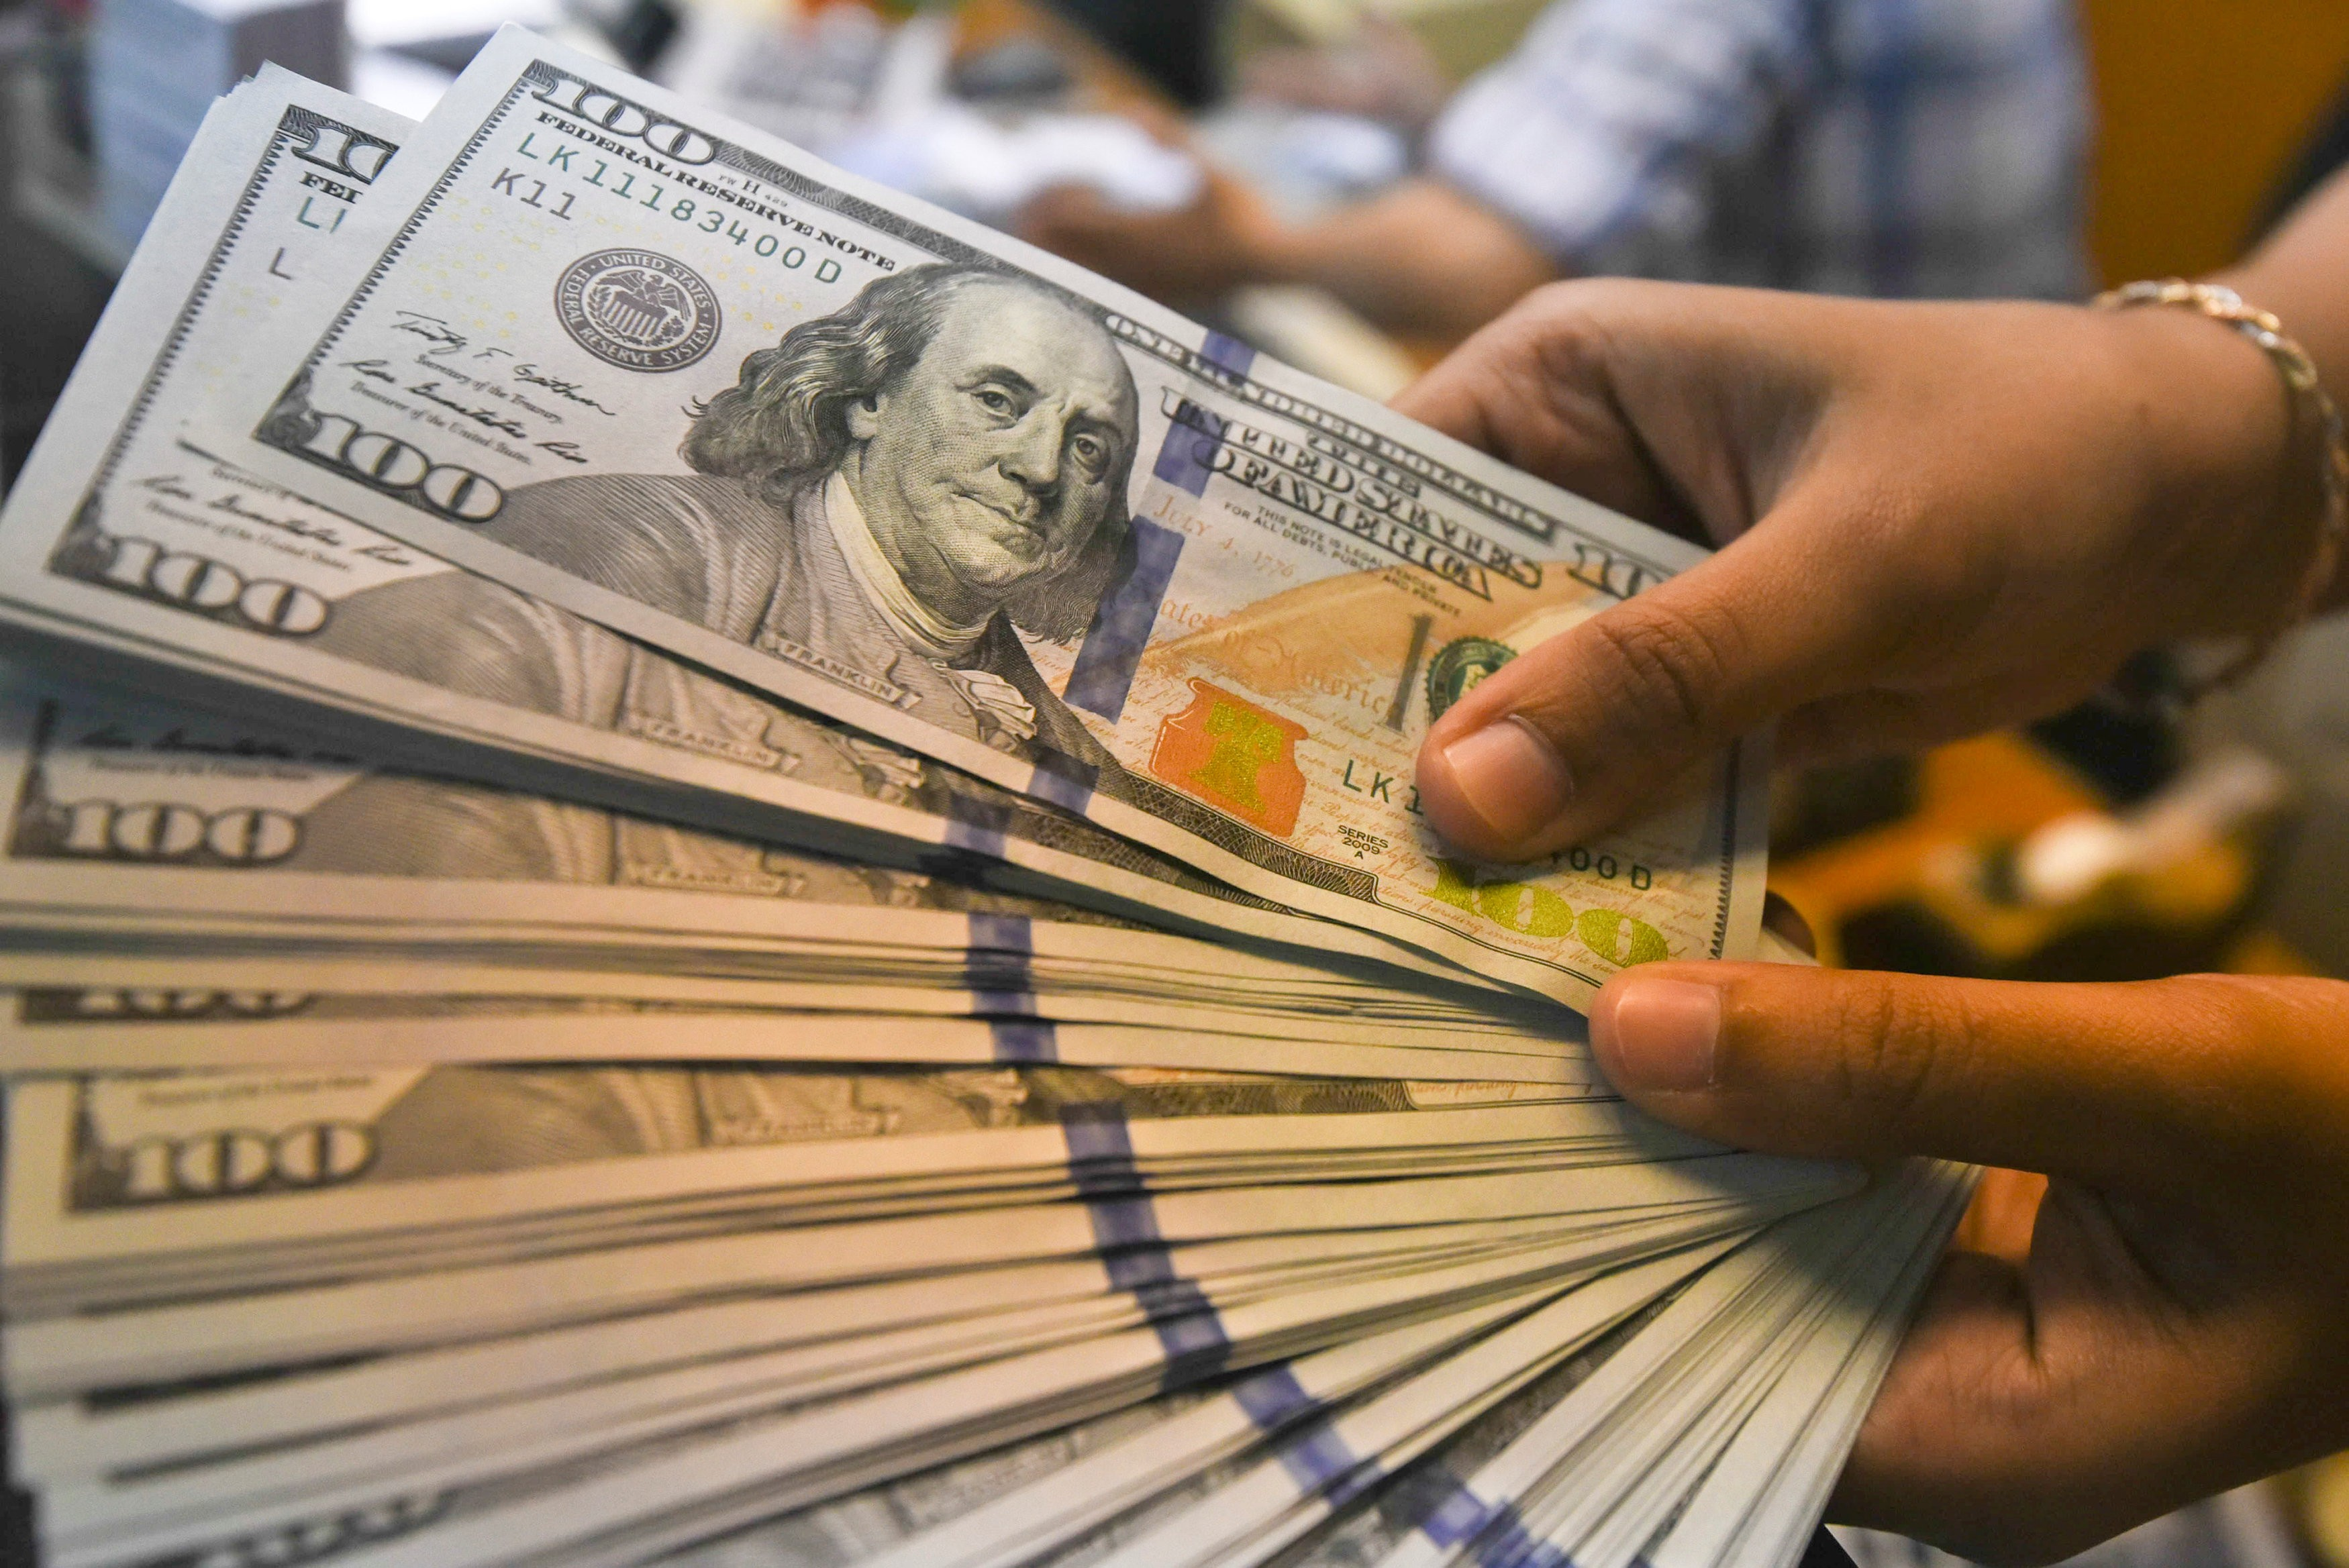 Dólar fecha em queda, após 2 dias de alta - Notícias - Plantão Diário